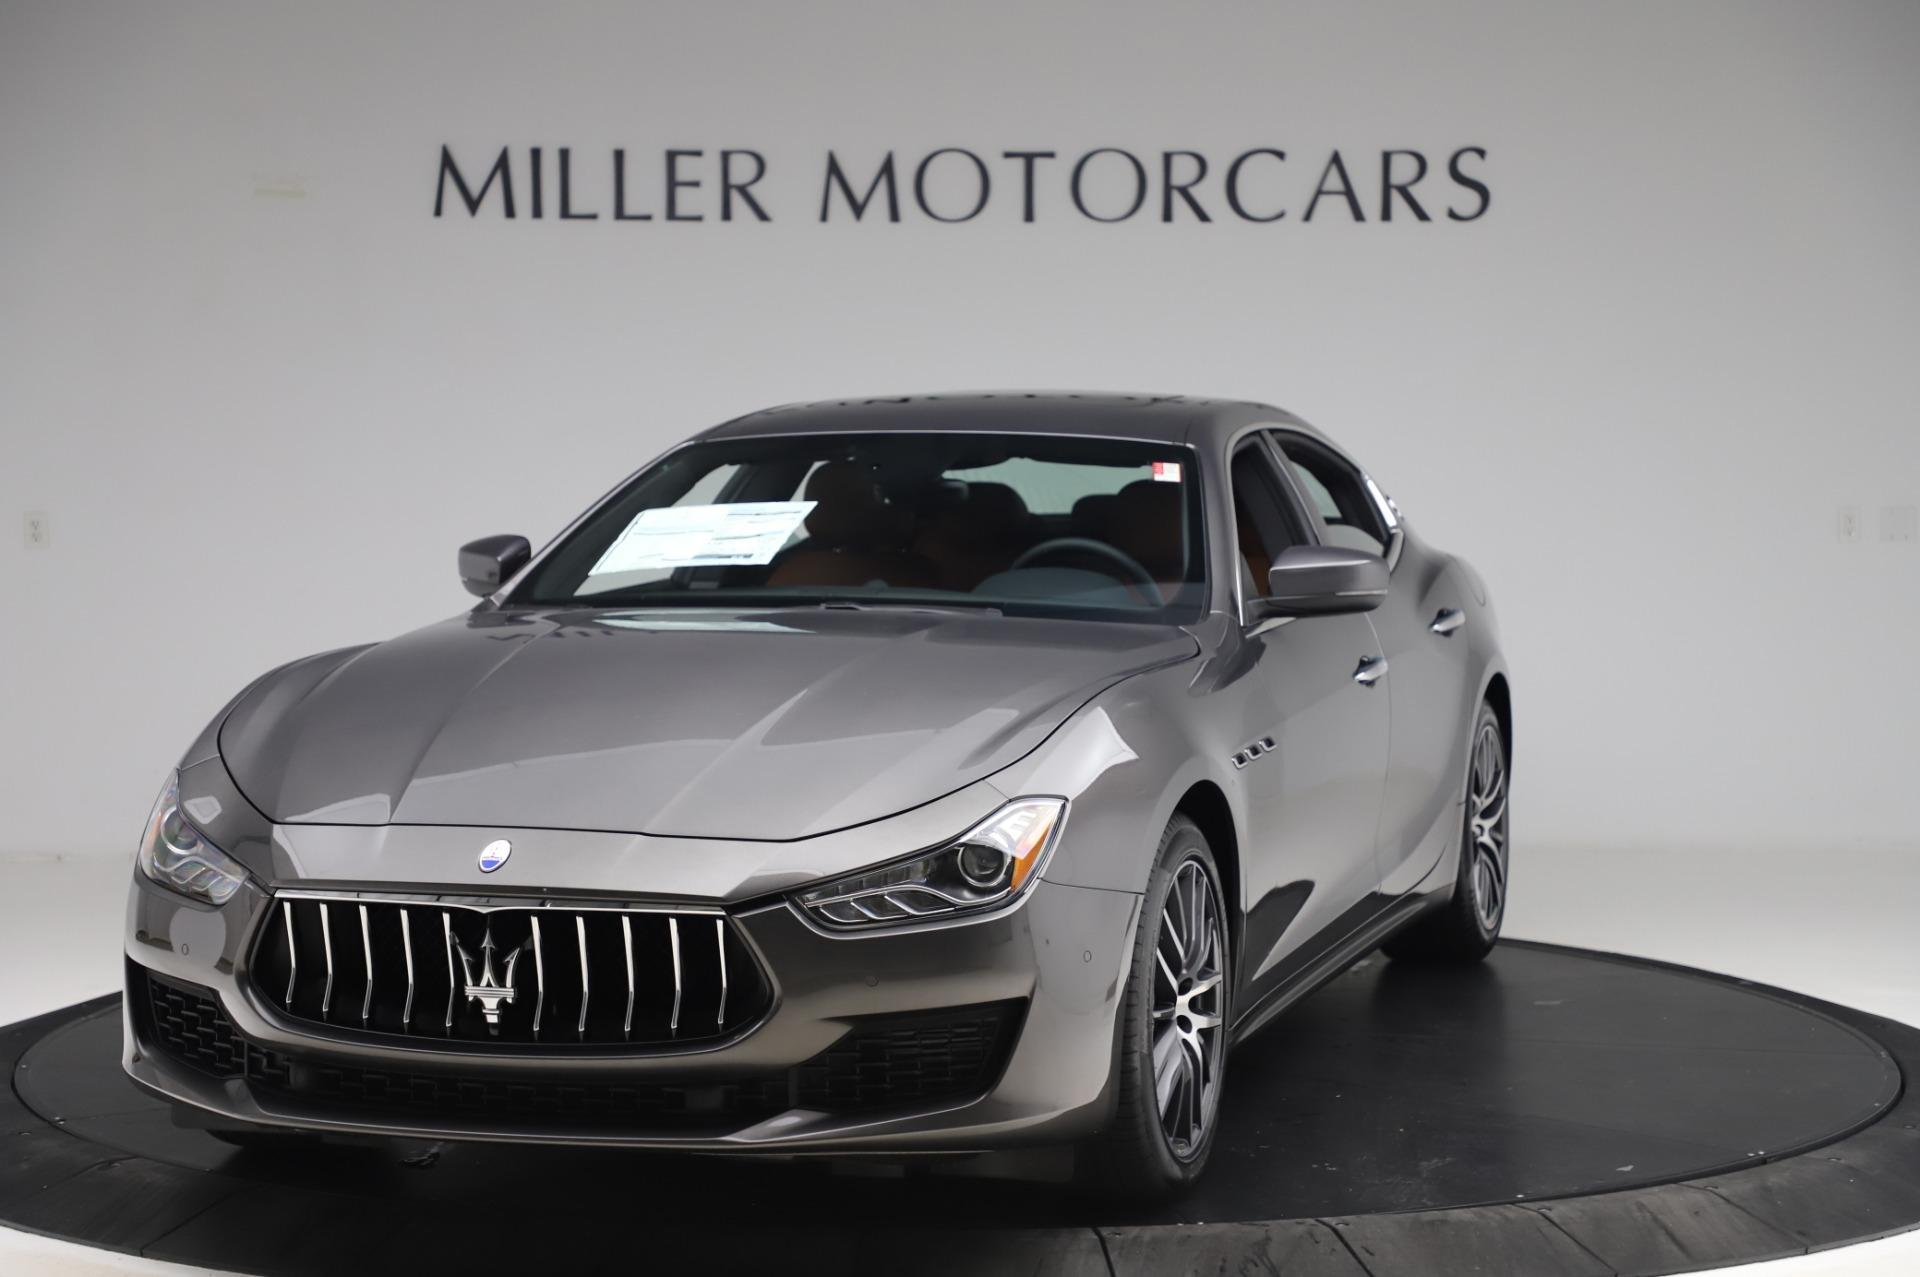 New 2020 Maserati Ghibli S Q4 for sale $82,385 at Alfa Romeo of Westport in Westport CT 06880 1